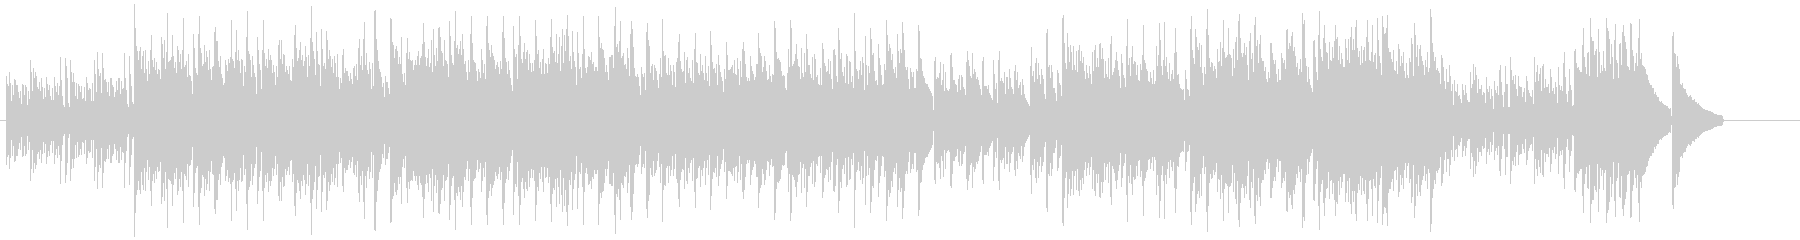 アコースティック・イメージサウンドの未再生の波形